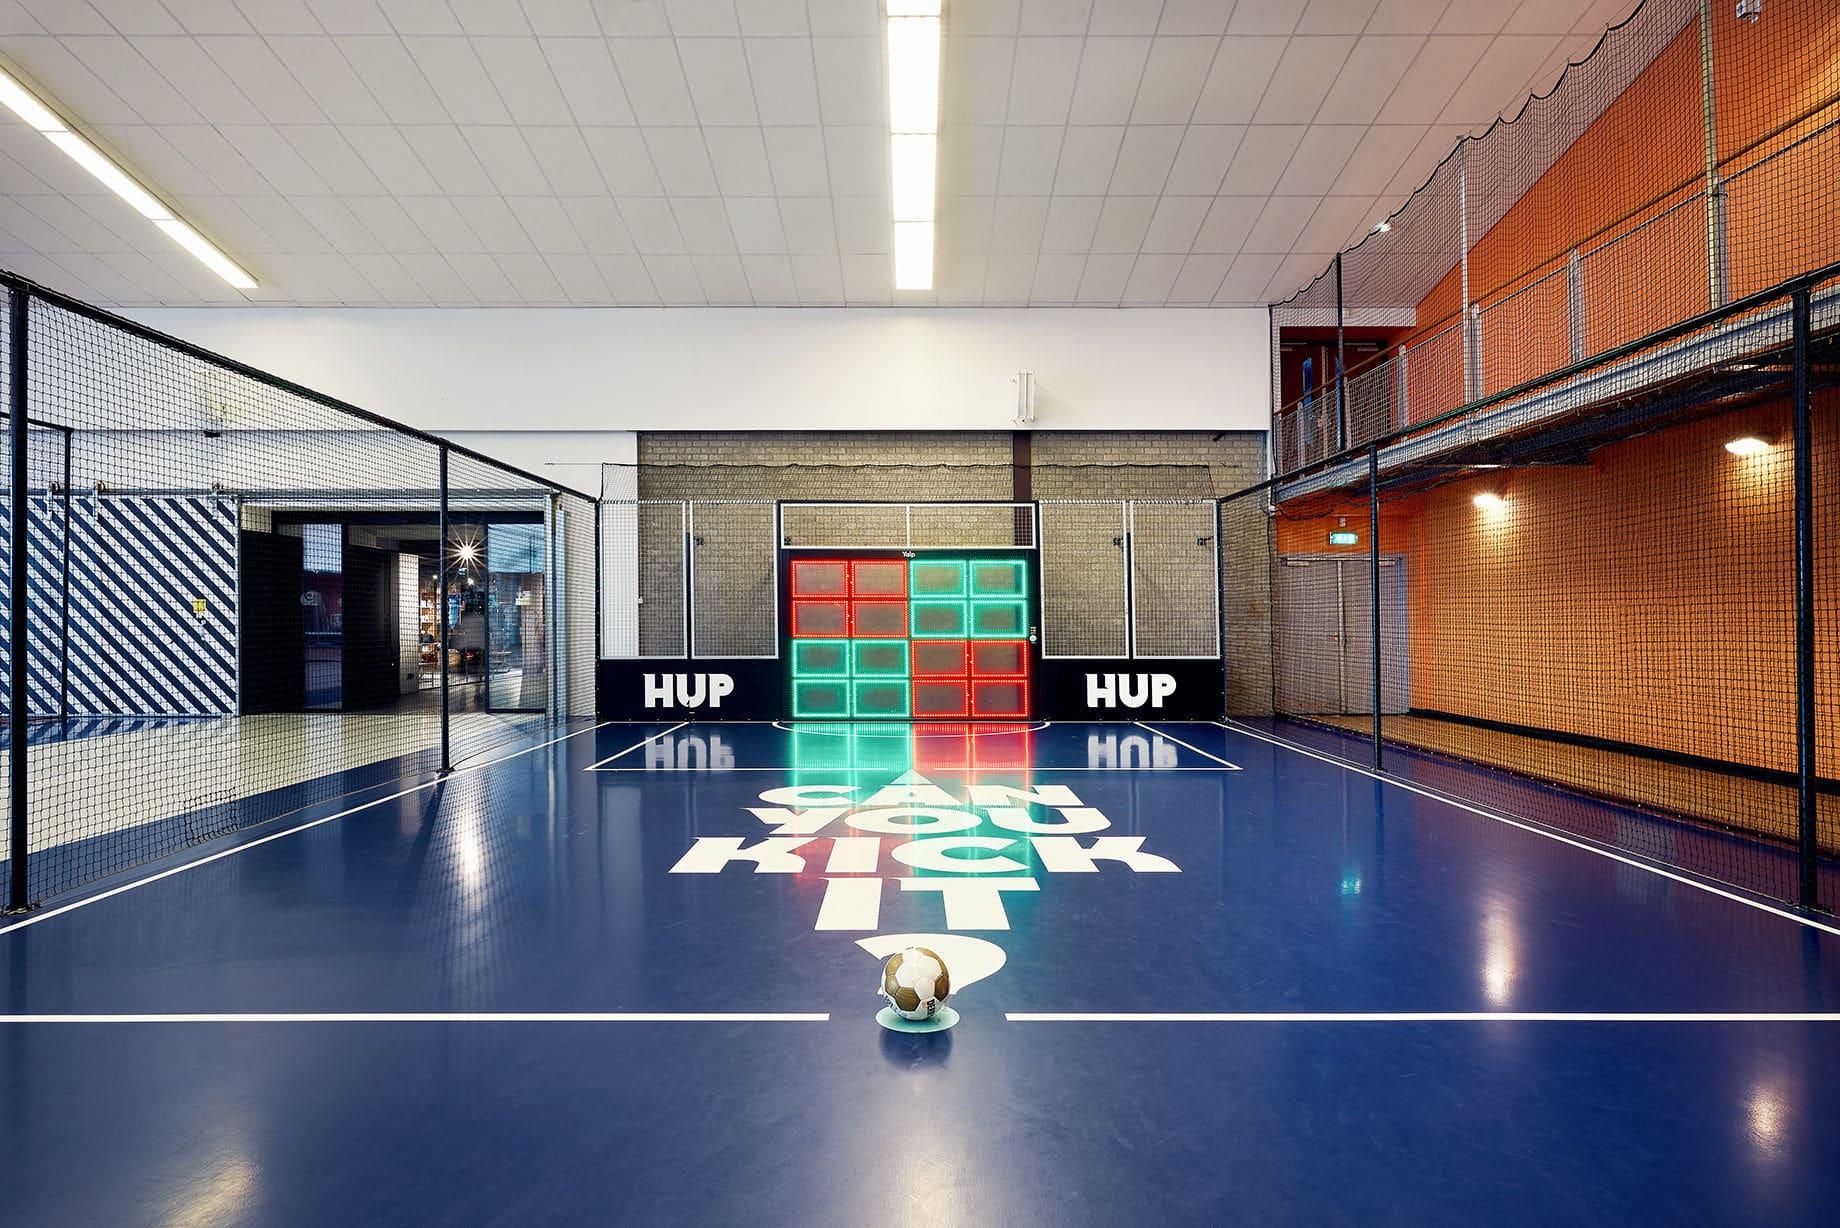 Einzigartige Indoor-Halle mit elektronischer Torwand